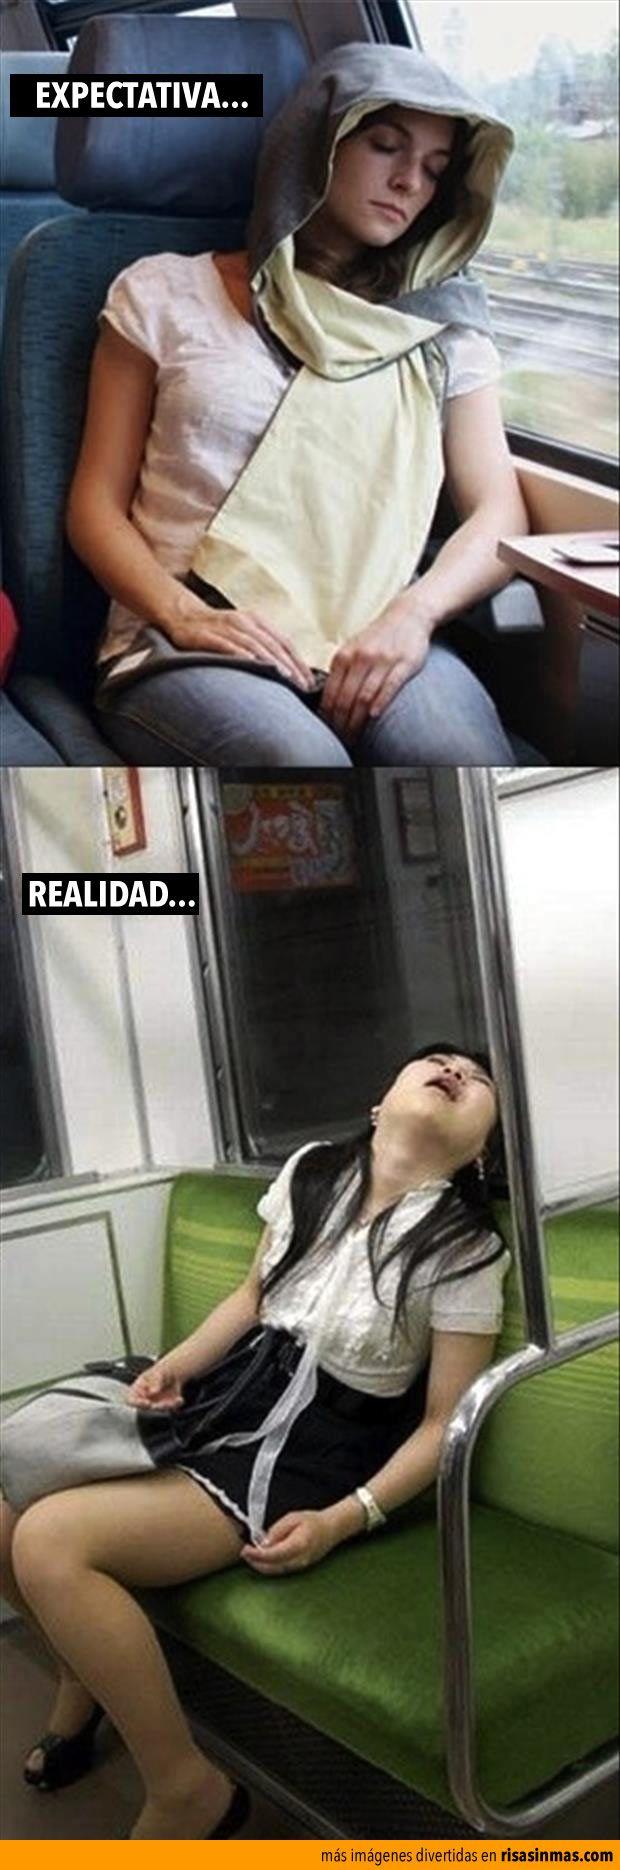 Expecativa vs Realidad: durmiendo en el tren.